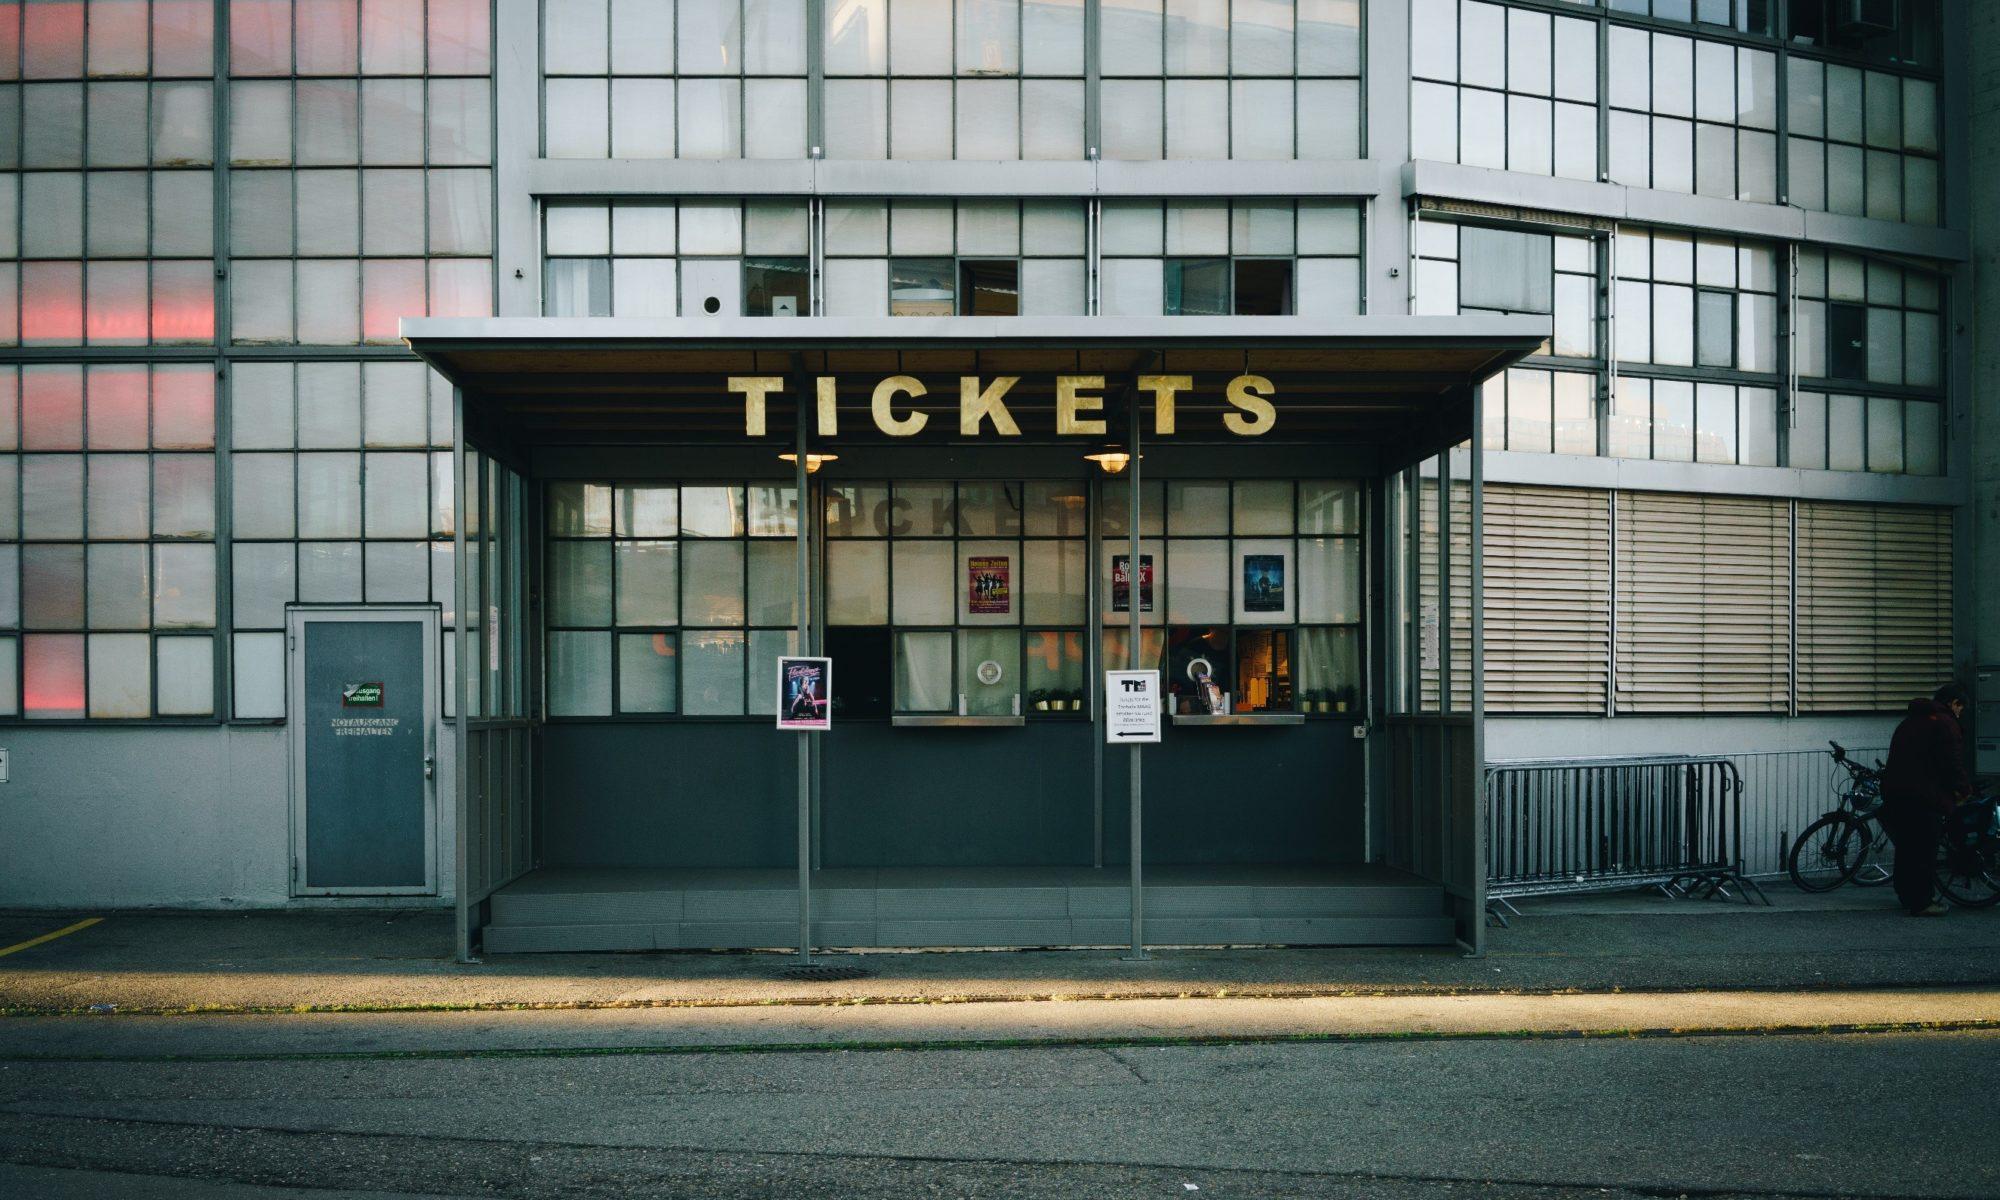 Pläne, der Code of Conduct (CoC) und die Sache mit den Tickets